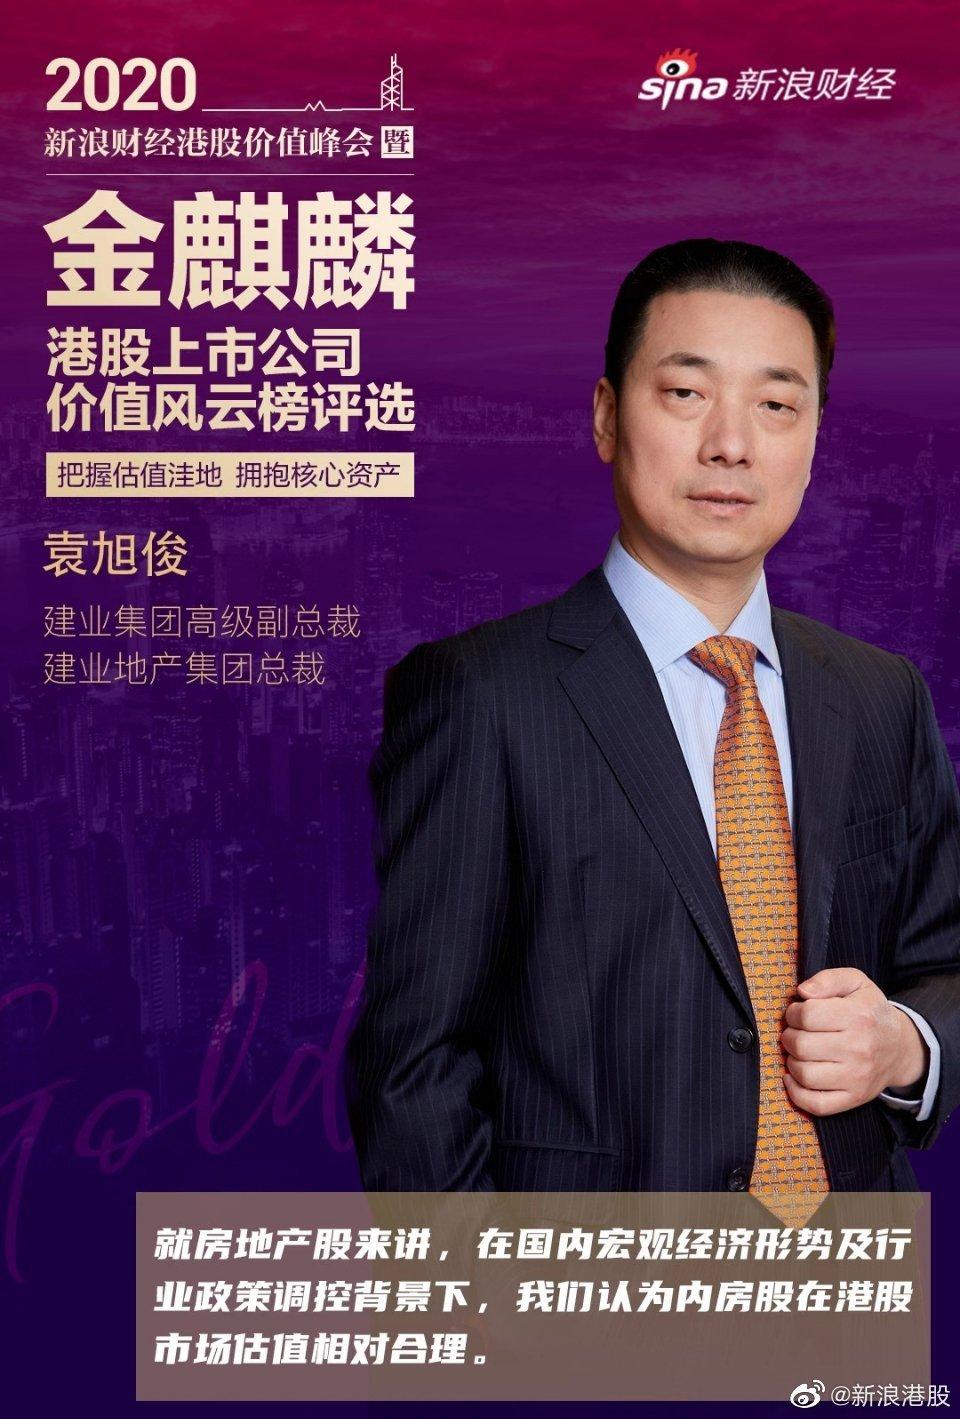 金麒麟港股价值风云榜评选火热进行中,企业乘风破浪,大咖齐聚一堂